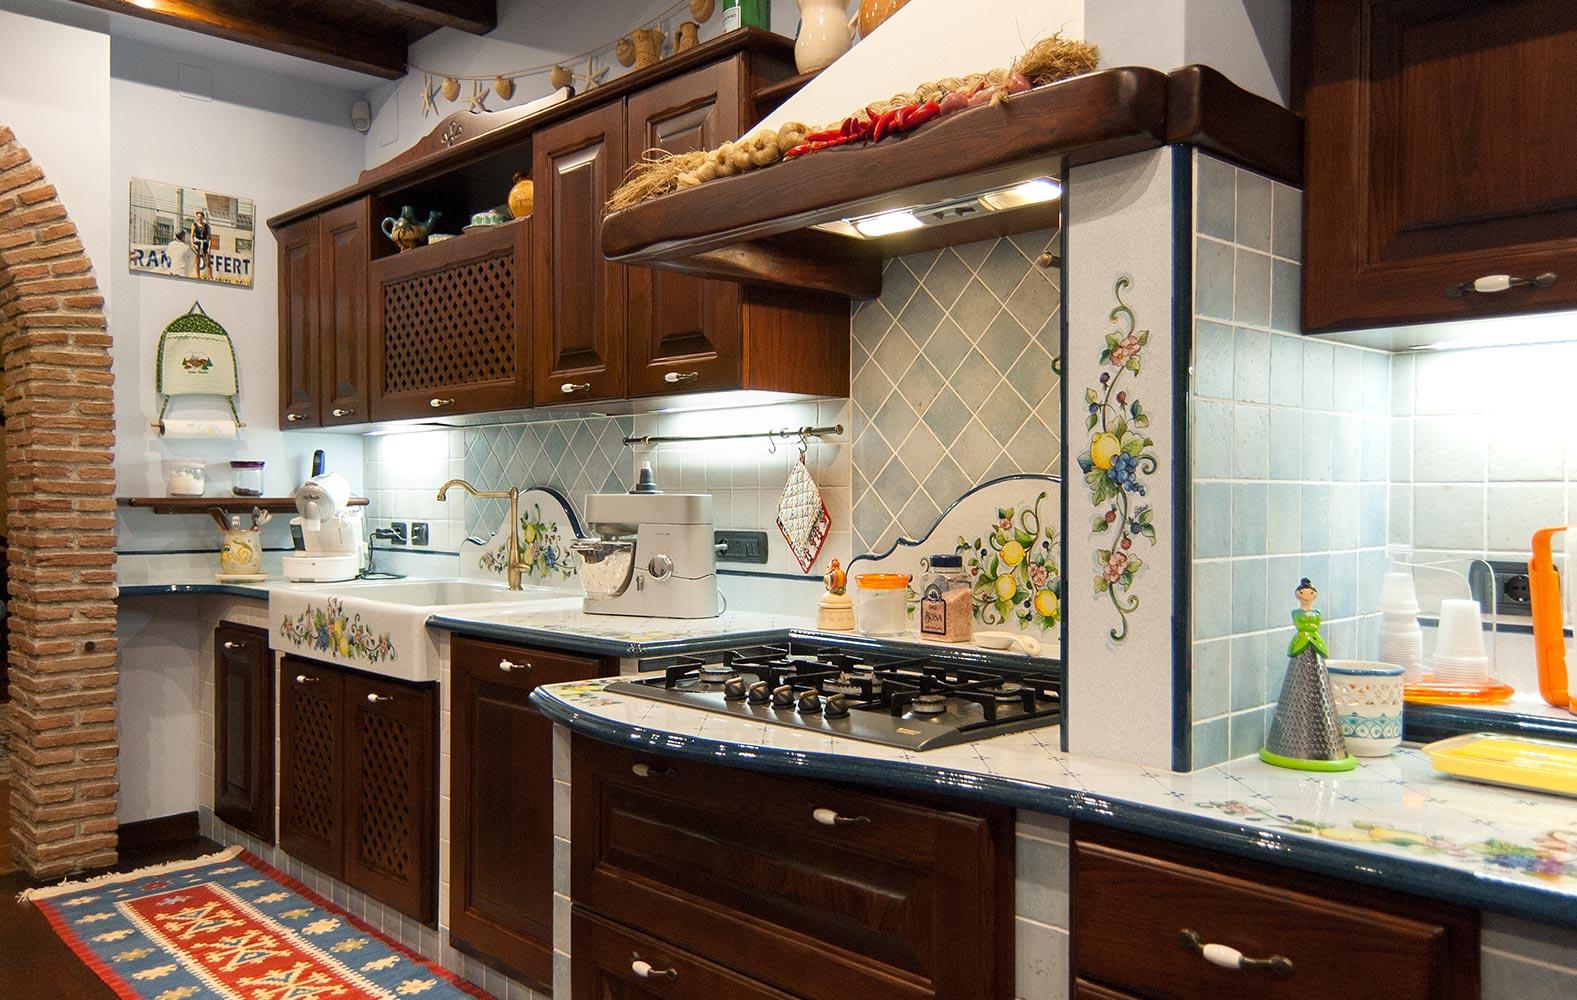 Cucine in finta muratura smontabile Modello Firenze